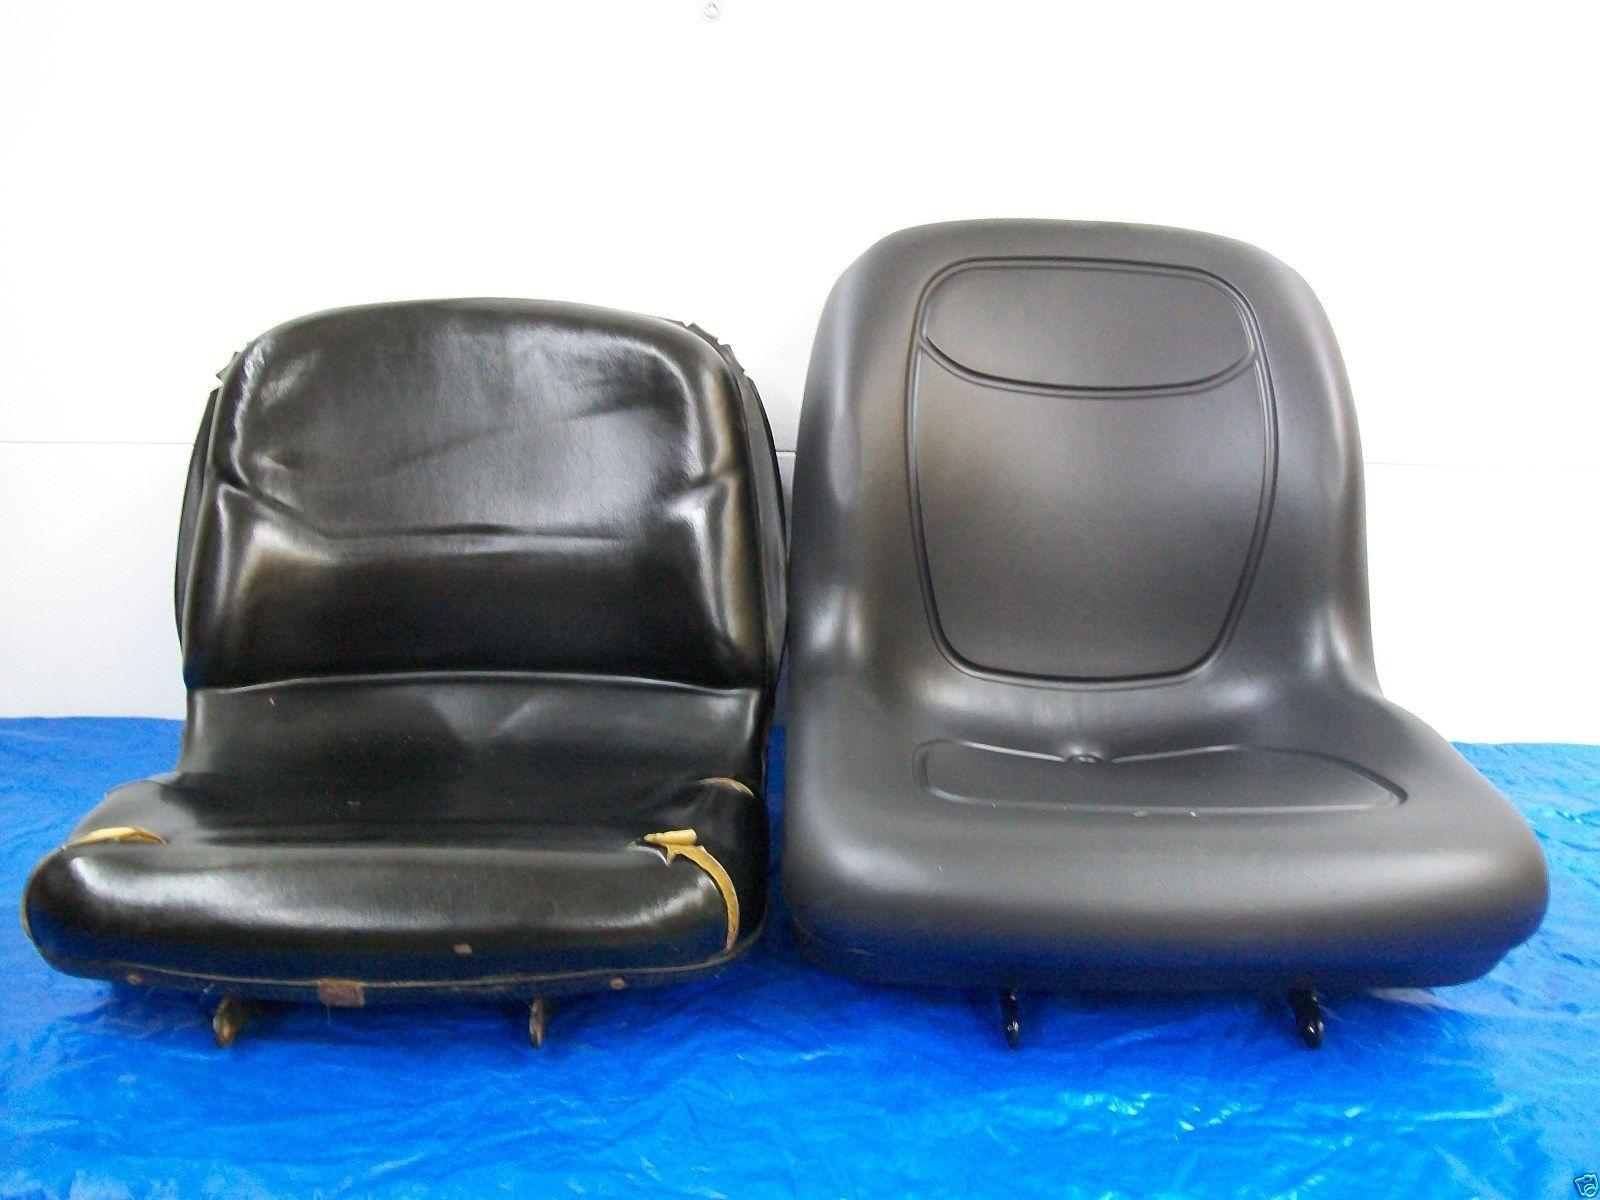 John Deere 870 Tractor Seat : Black seat john deere compact tractors